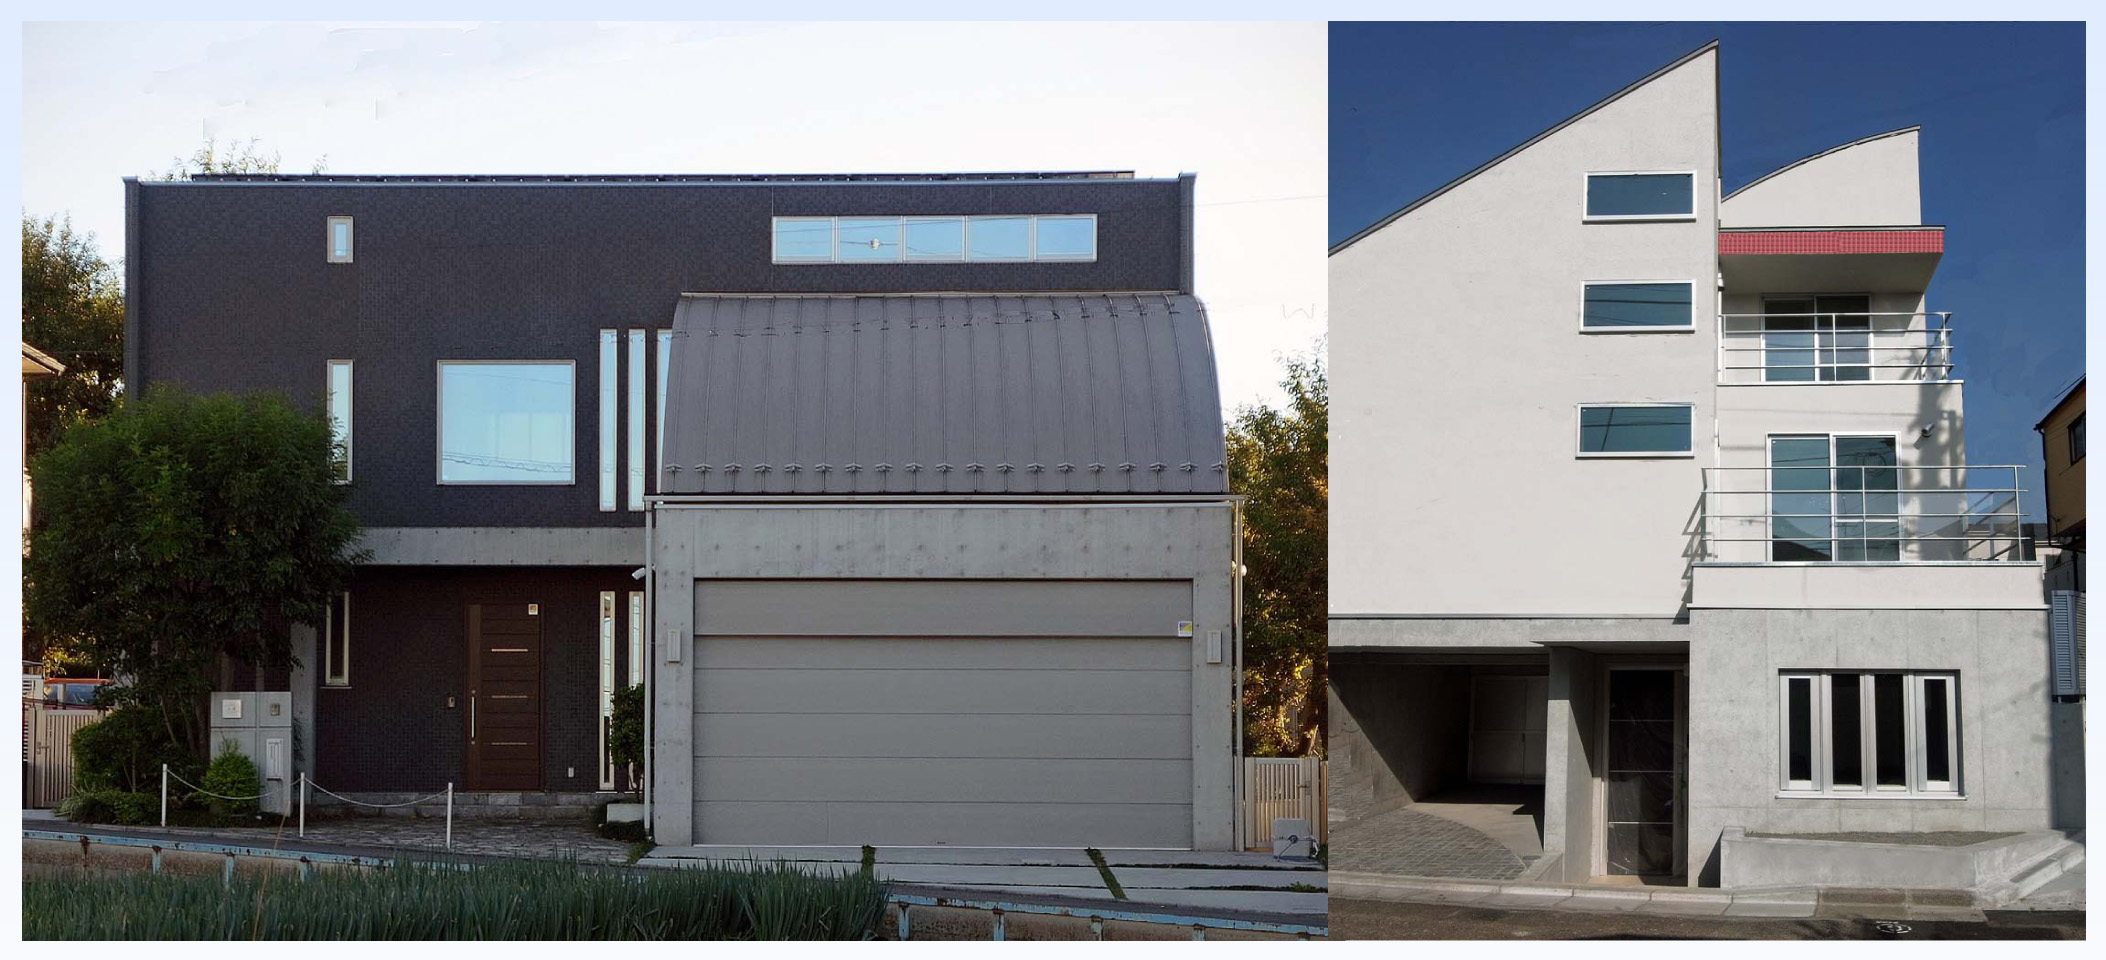 RCと木造の混構造住宅を神奈川県で建てる